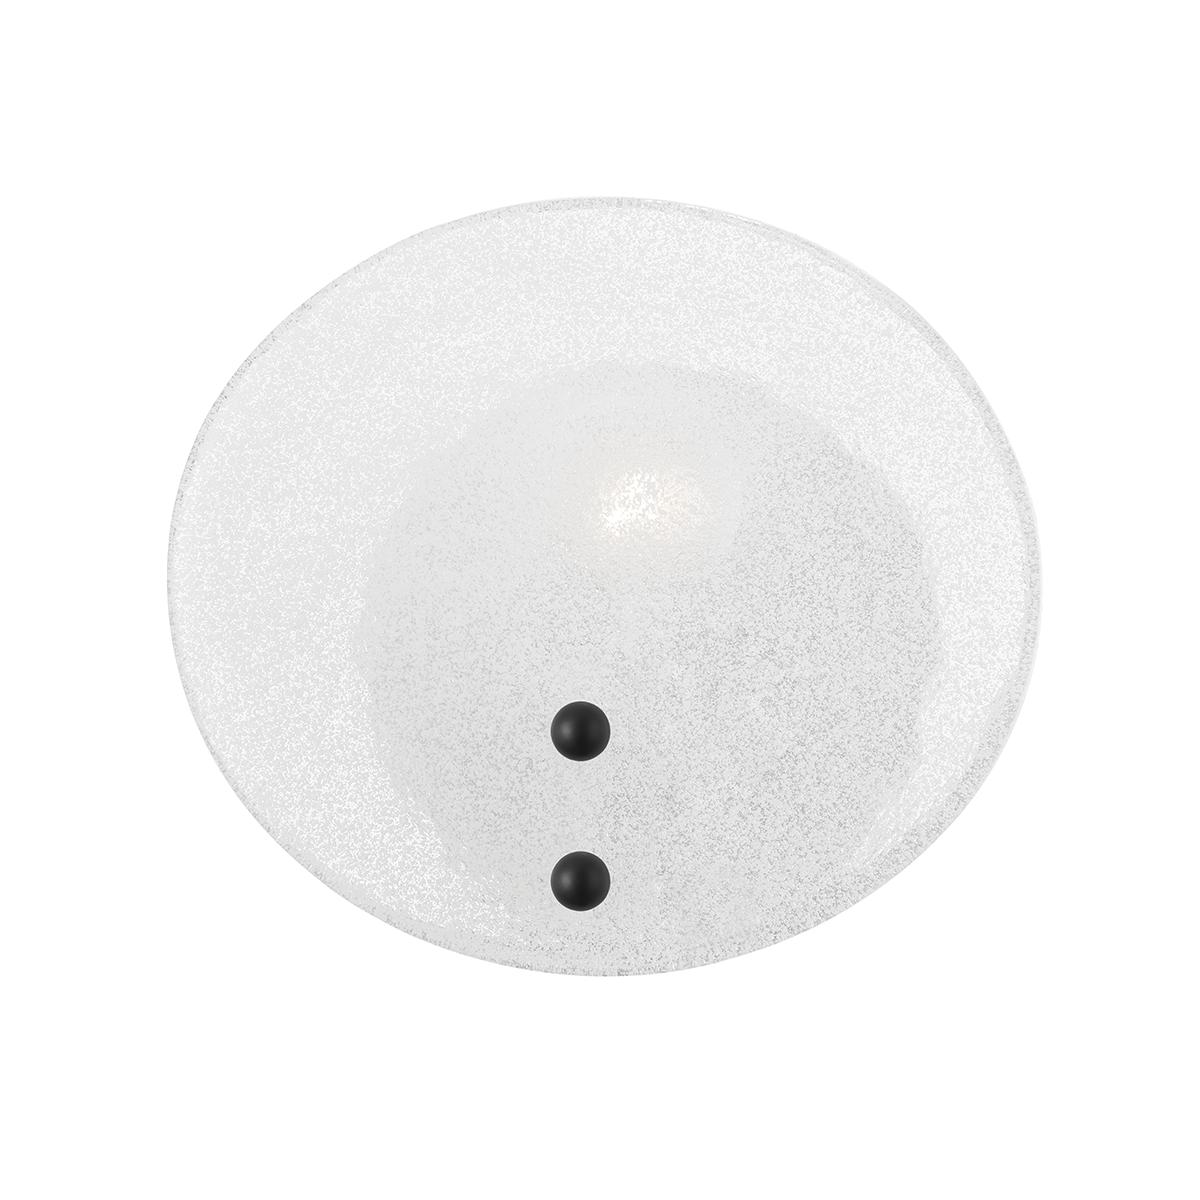 H428101-OB